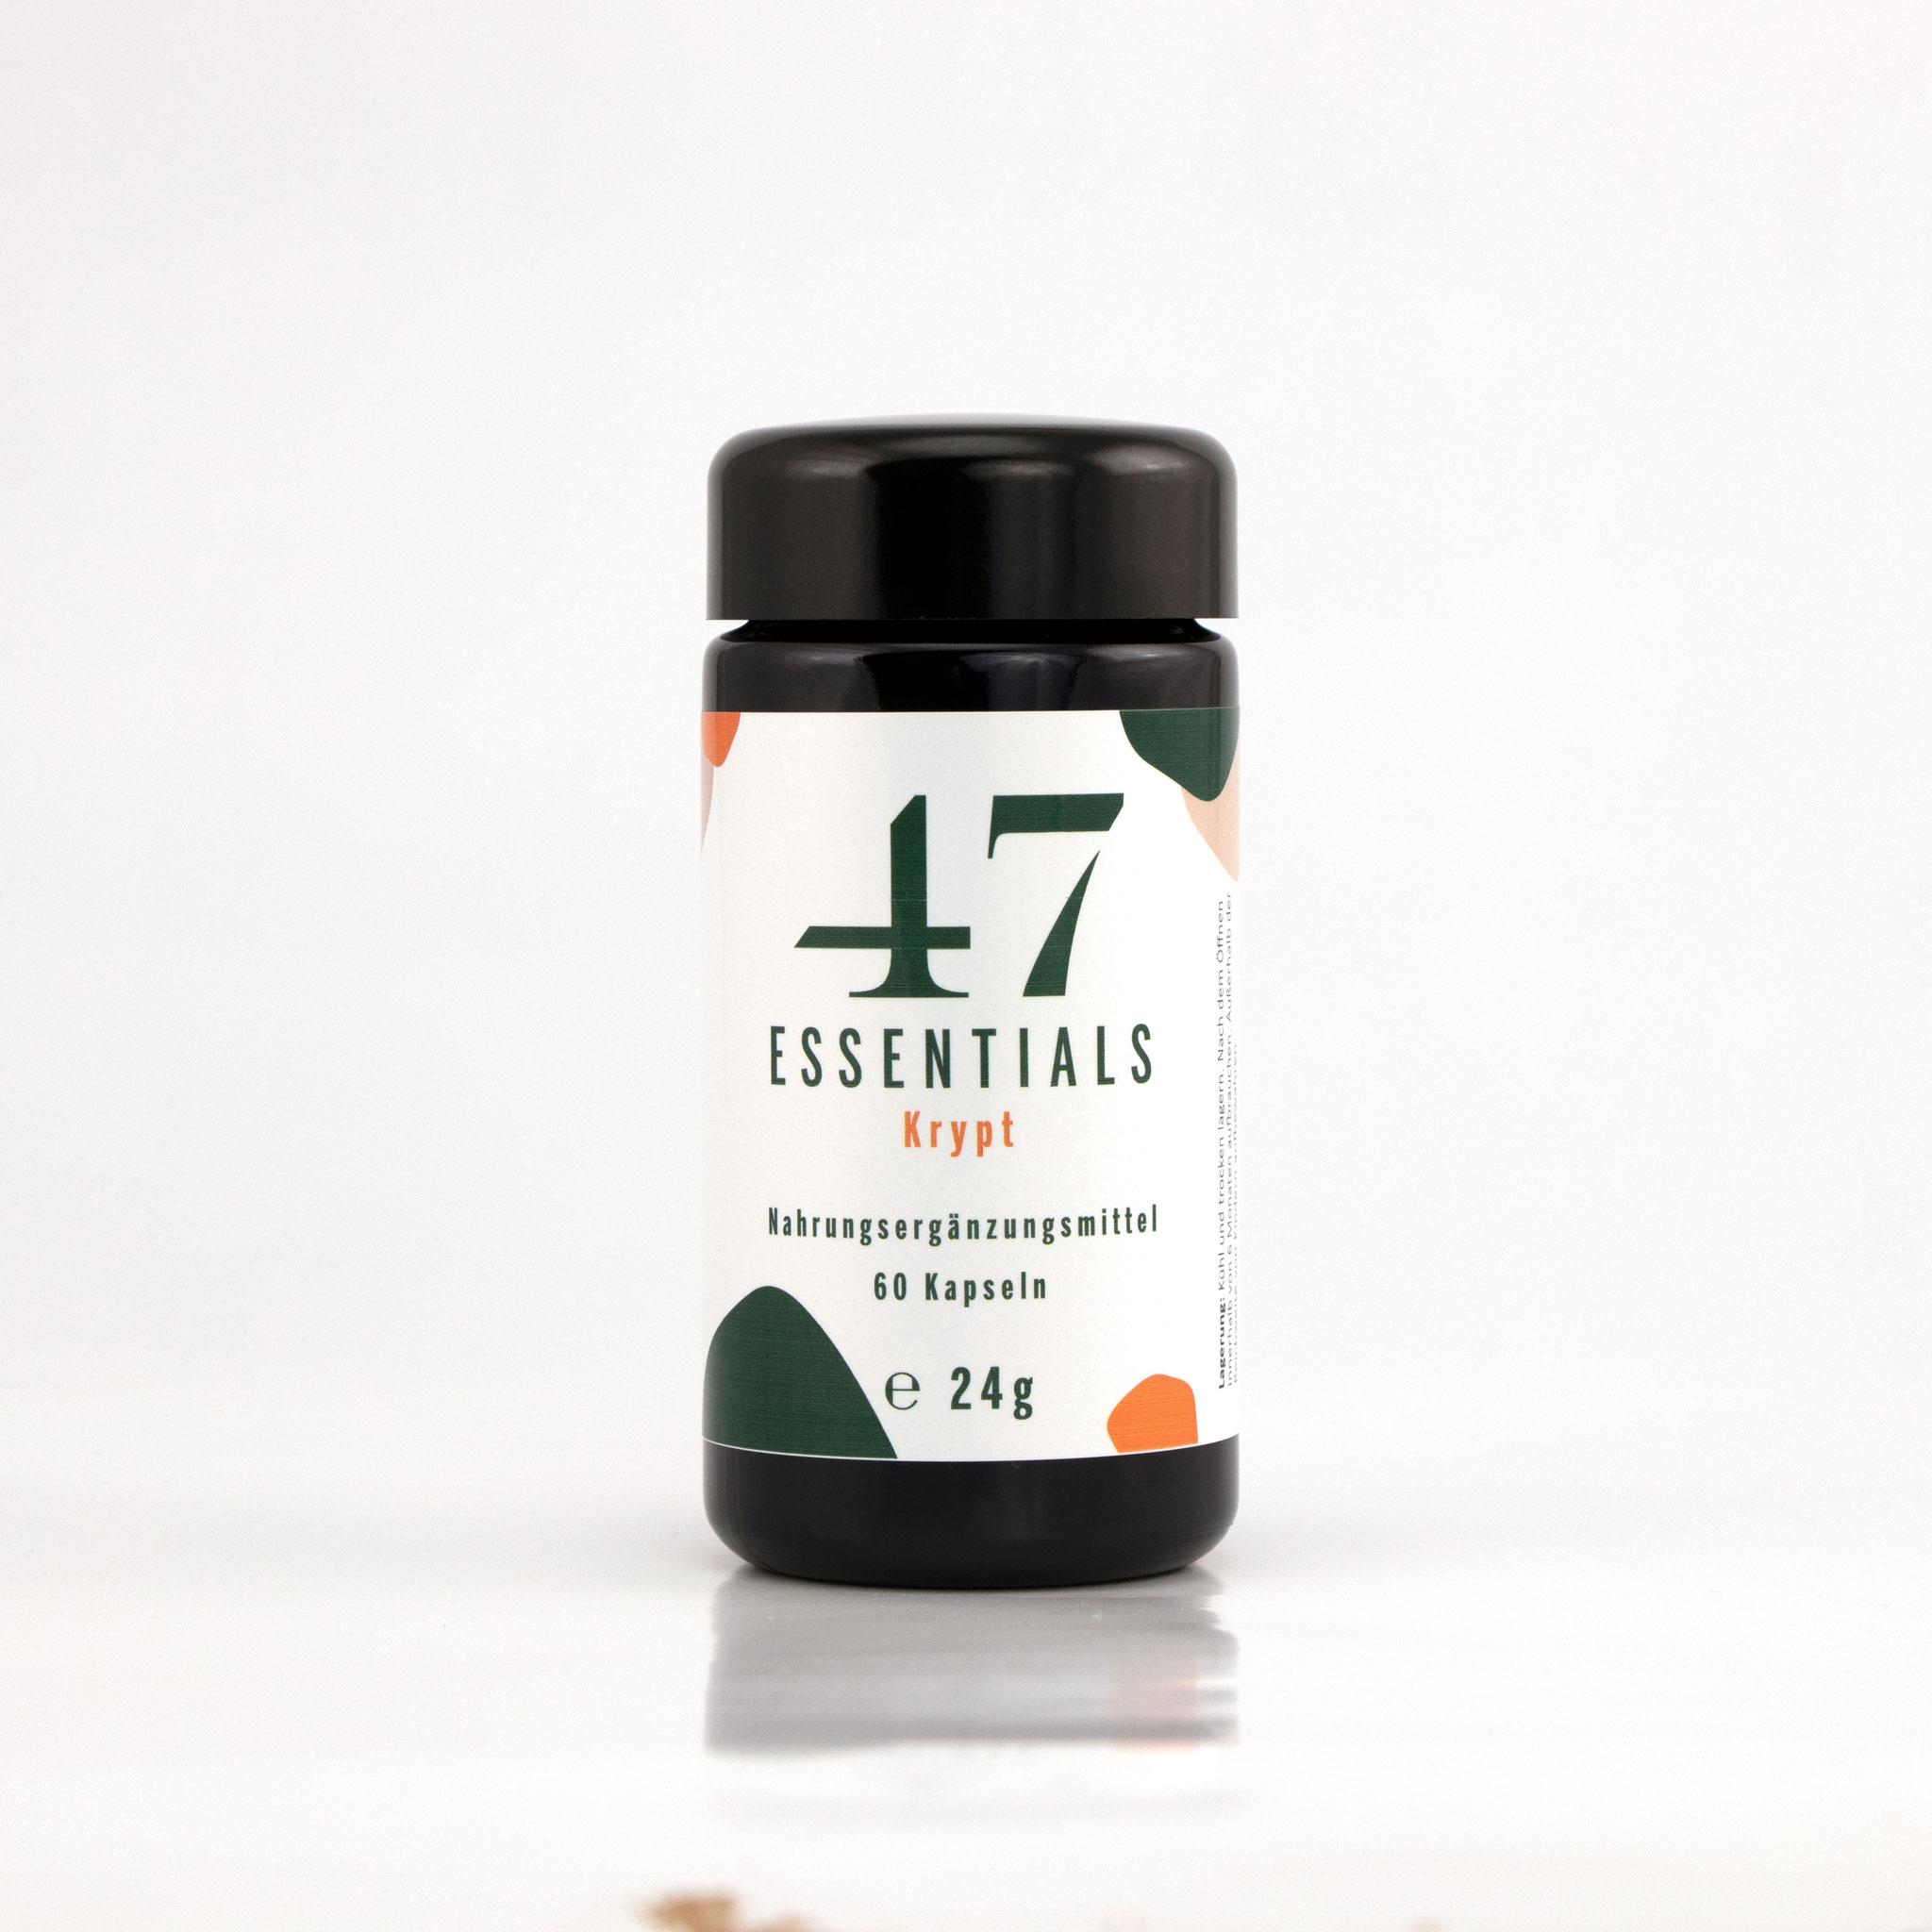 Krypt 60 Kapseln (Für Ihre 360 Grad Gesundheit)     € 31,00           Klicken Sie hier um mehr über das Produkt zu erfahren